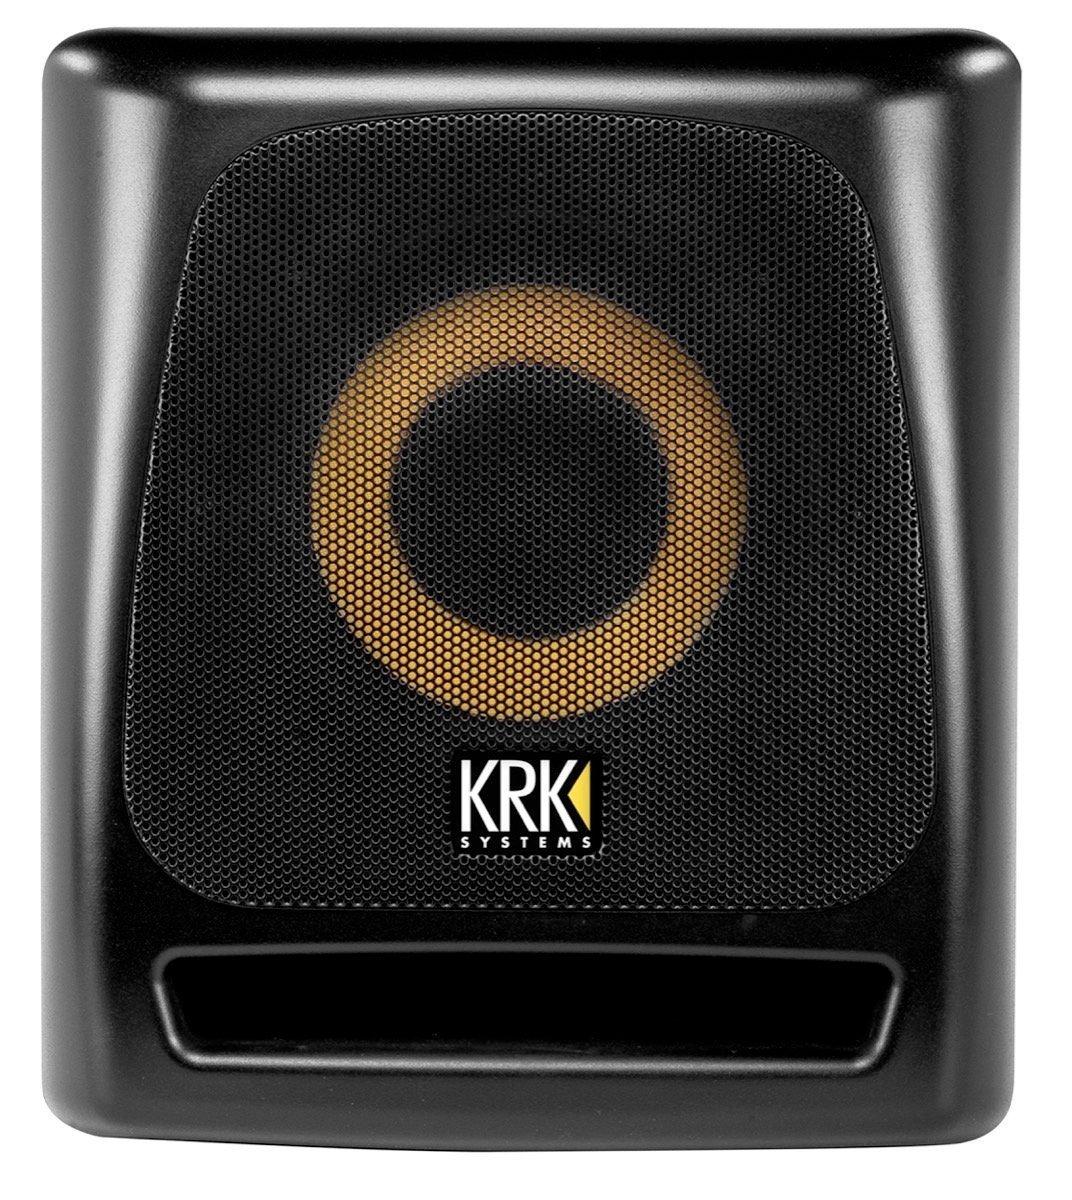 KRK 8S2 V2 8'' 100 Watt Powered Studio Monitor Subwoofer